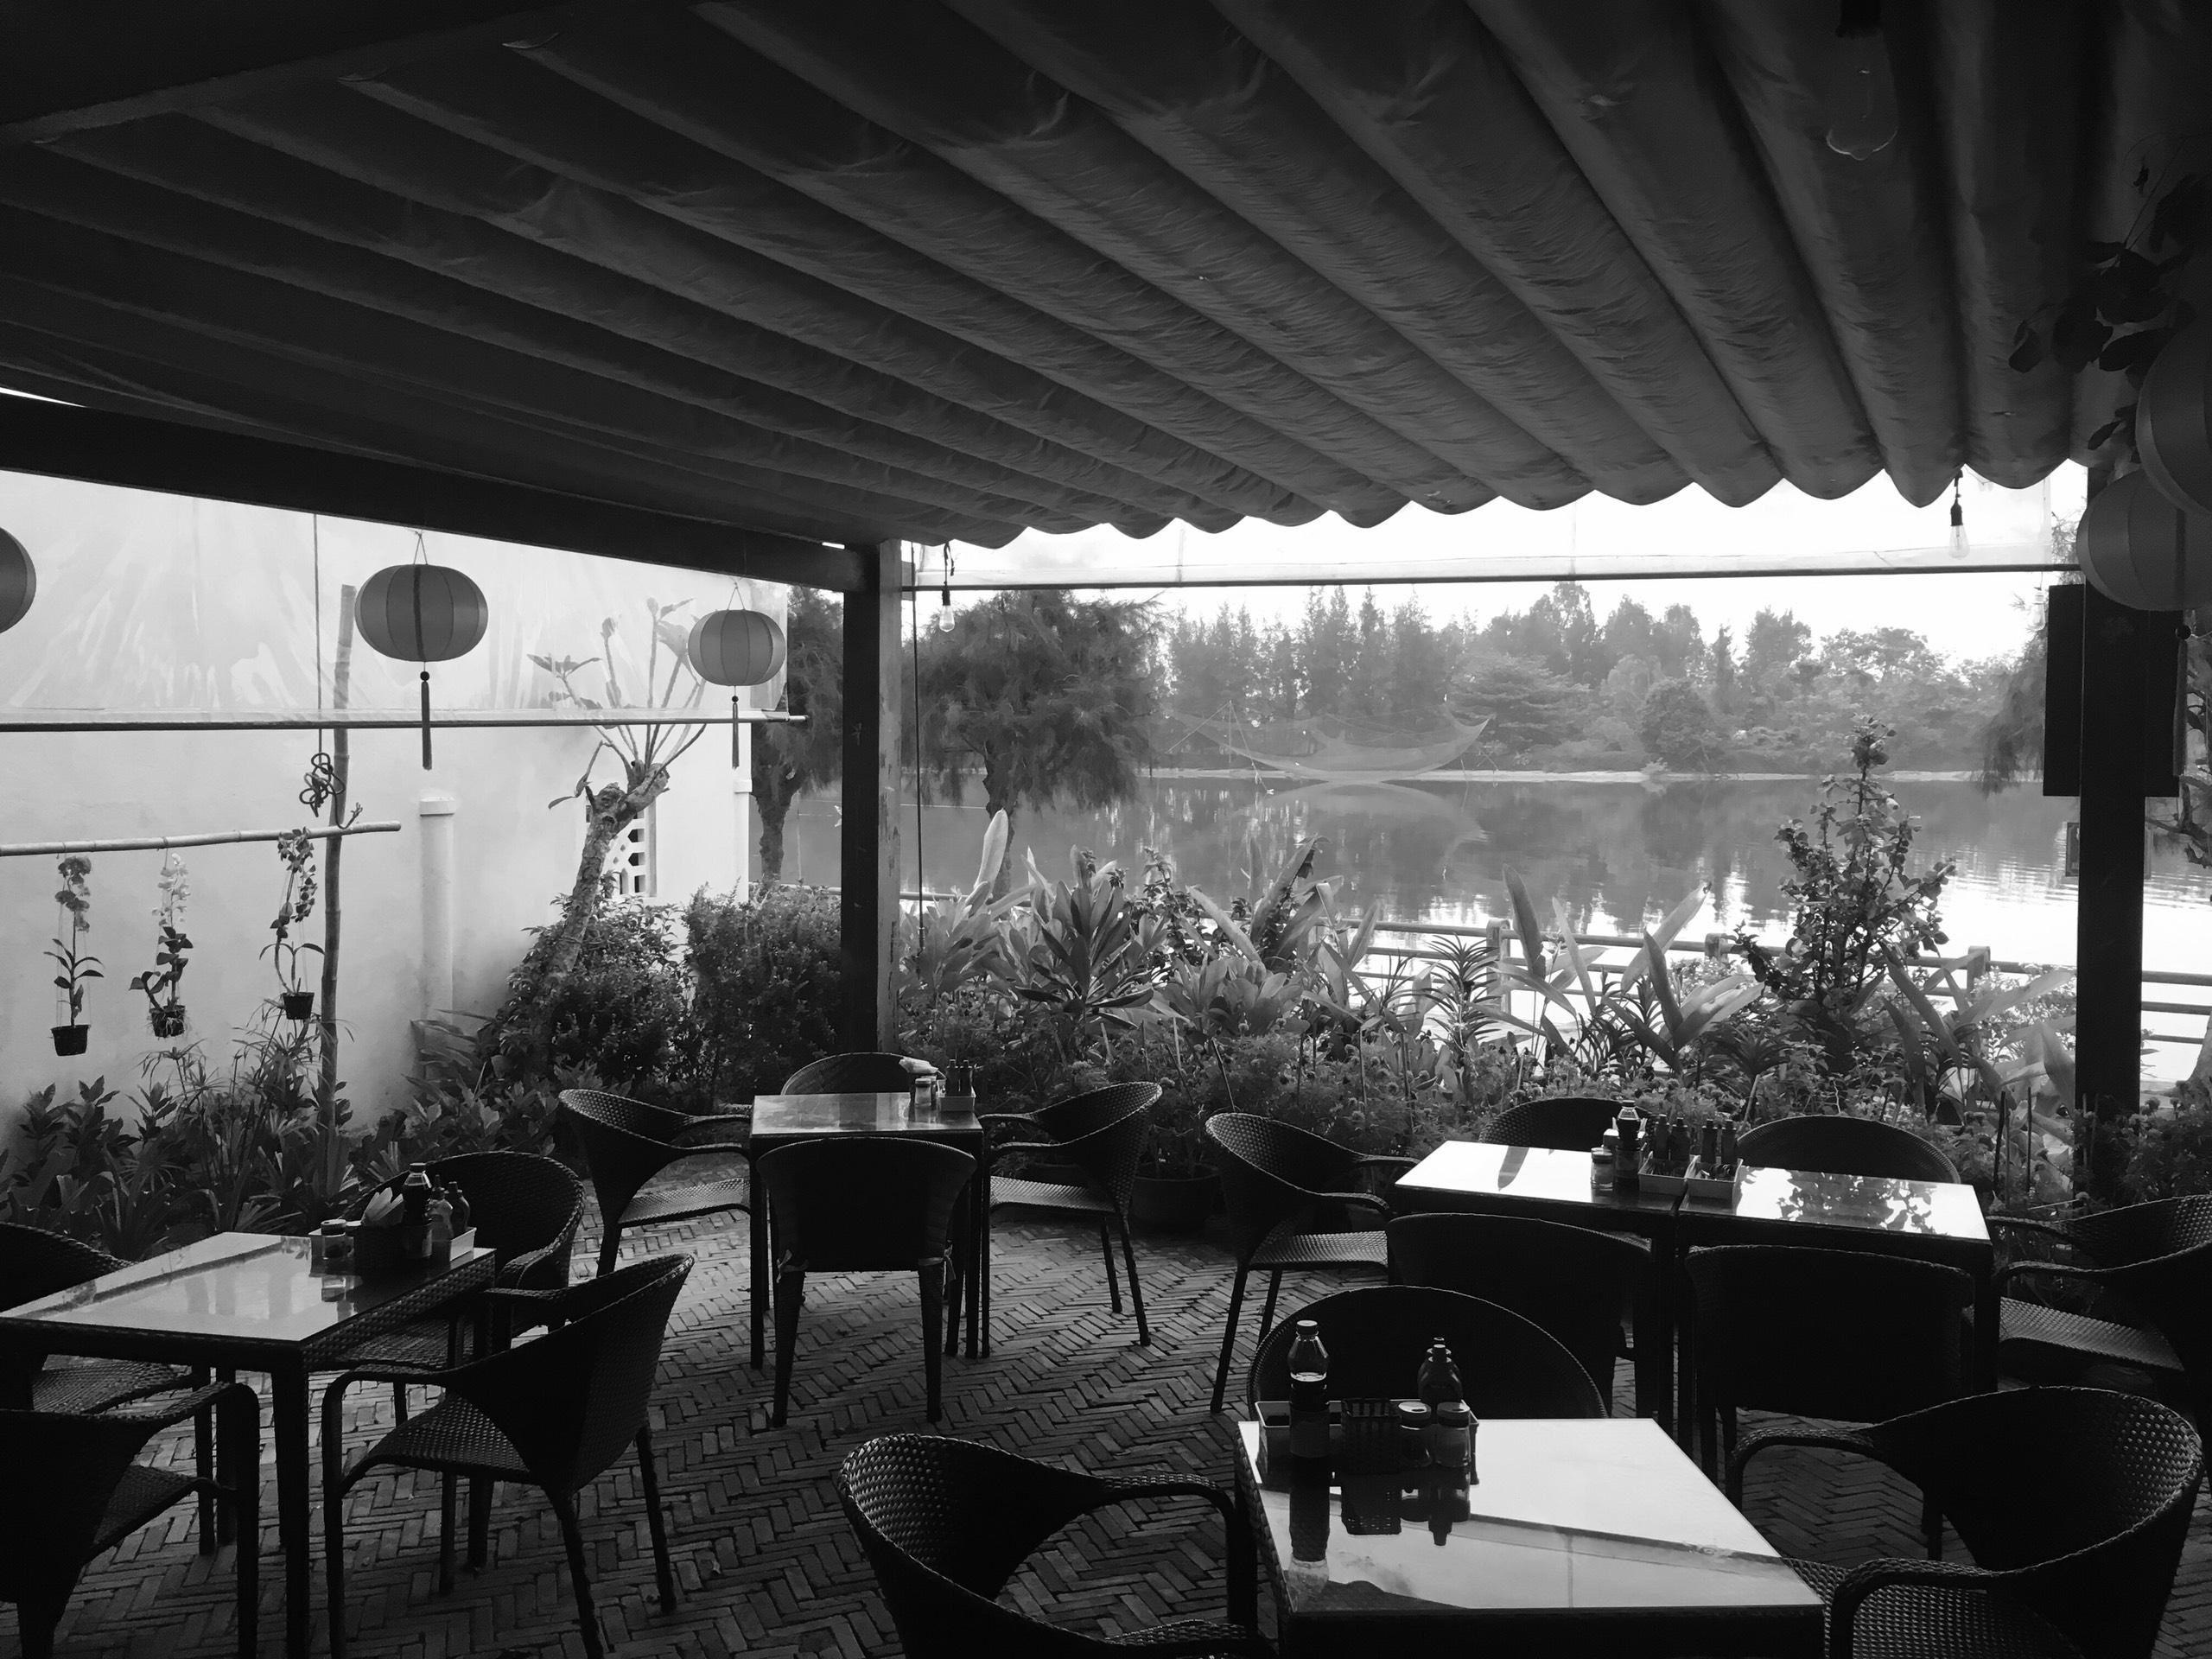 Villa Orchid Riverside Riverside, A Vacation Rental Resort in Hoi An